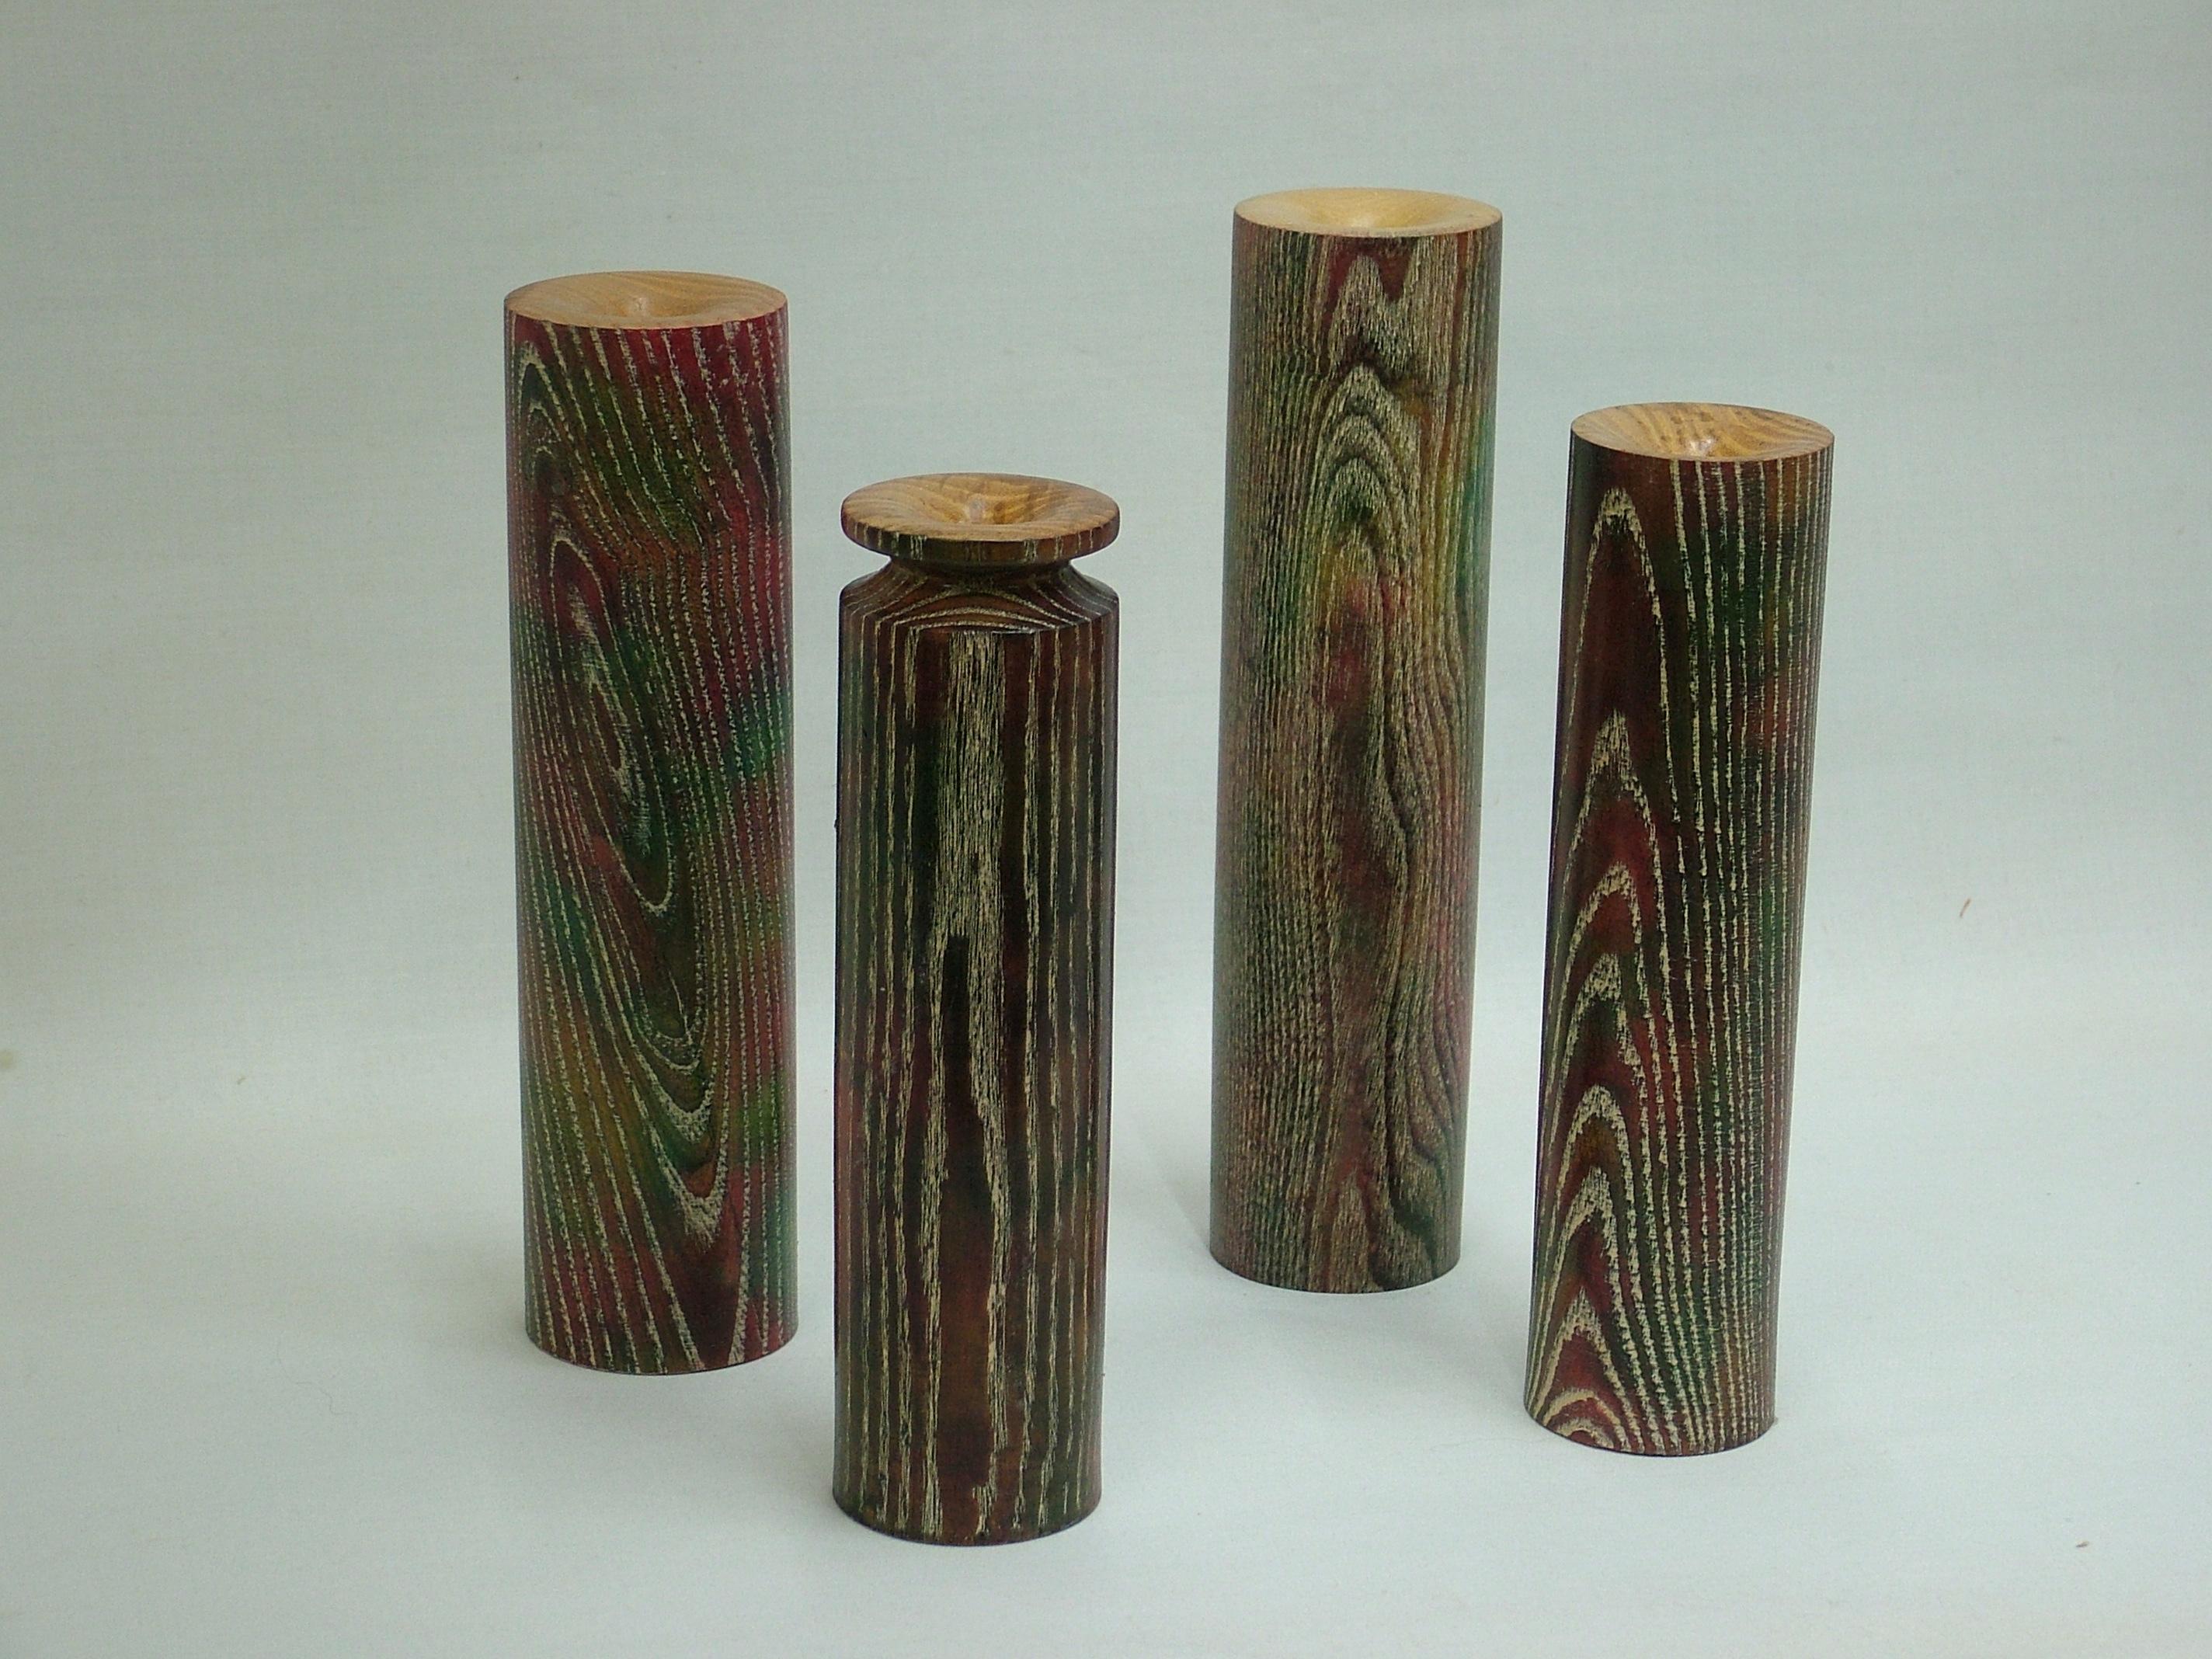 ash vases, spirit stain